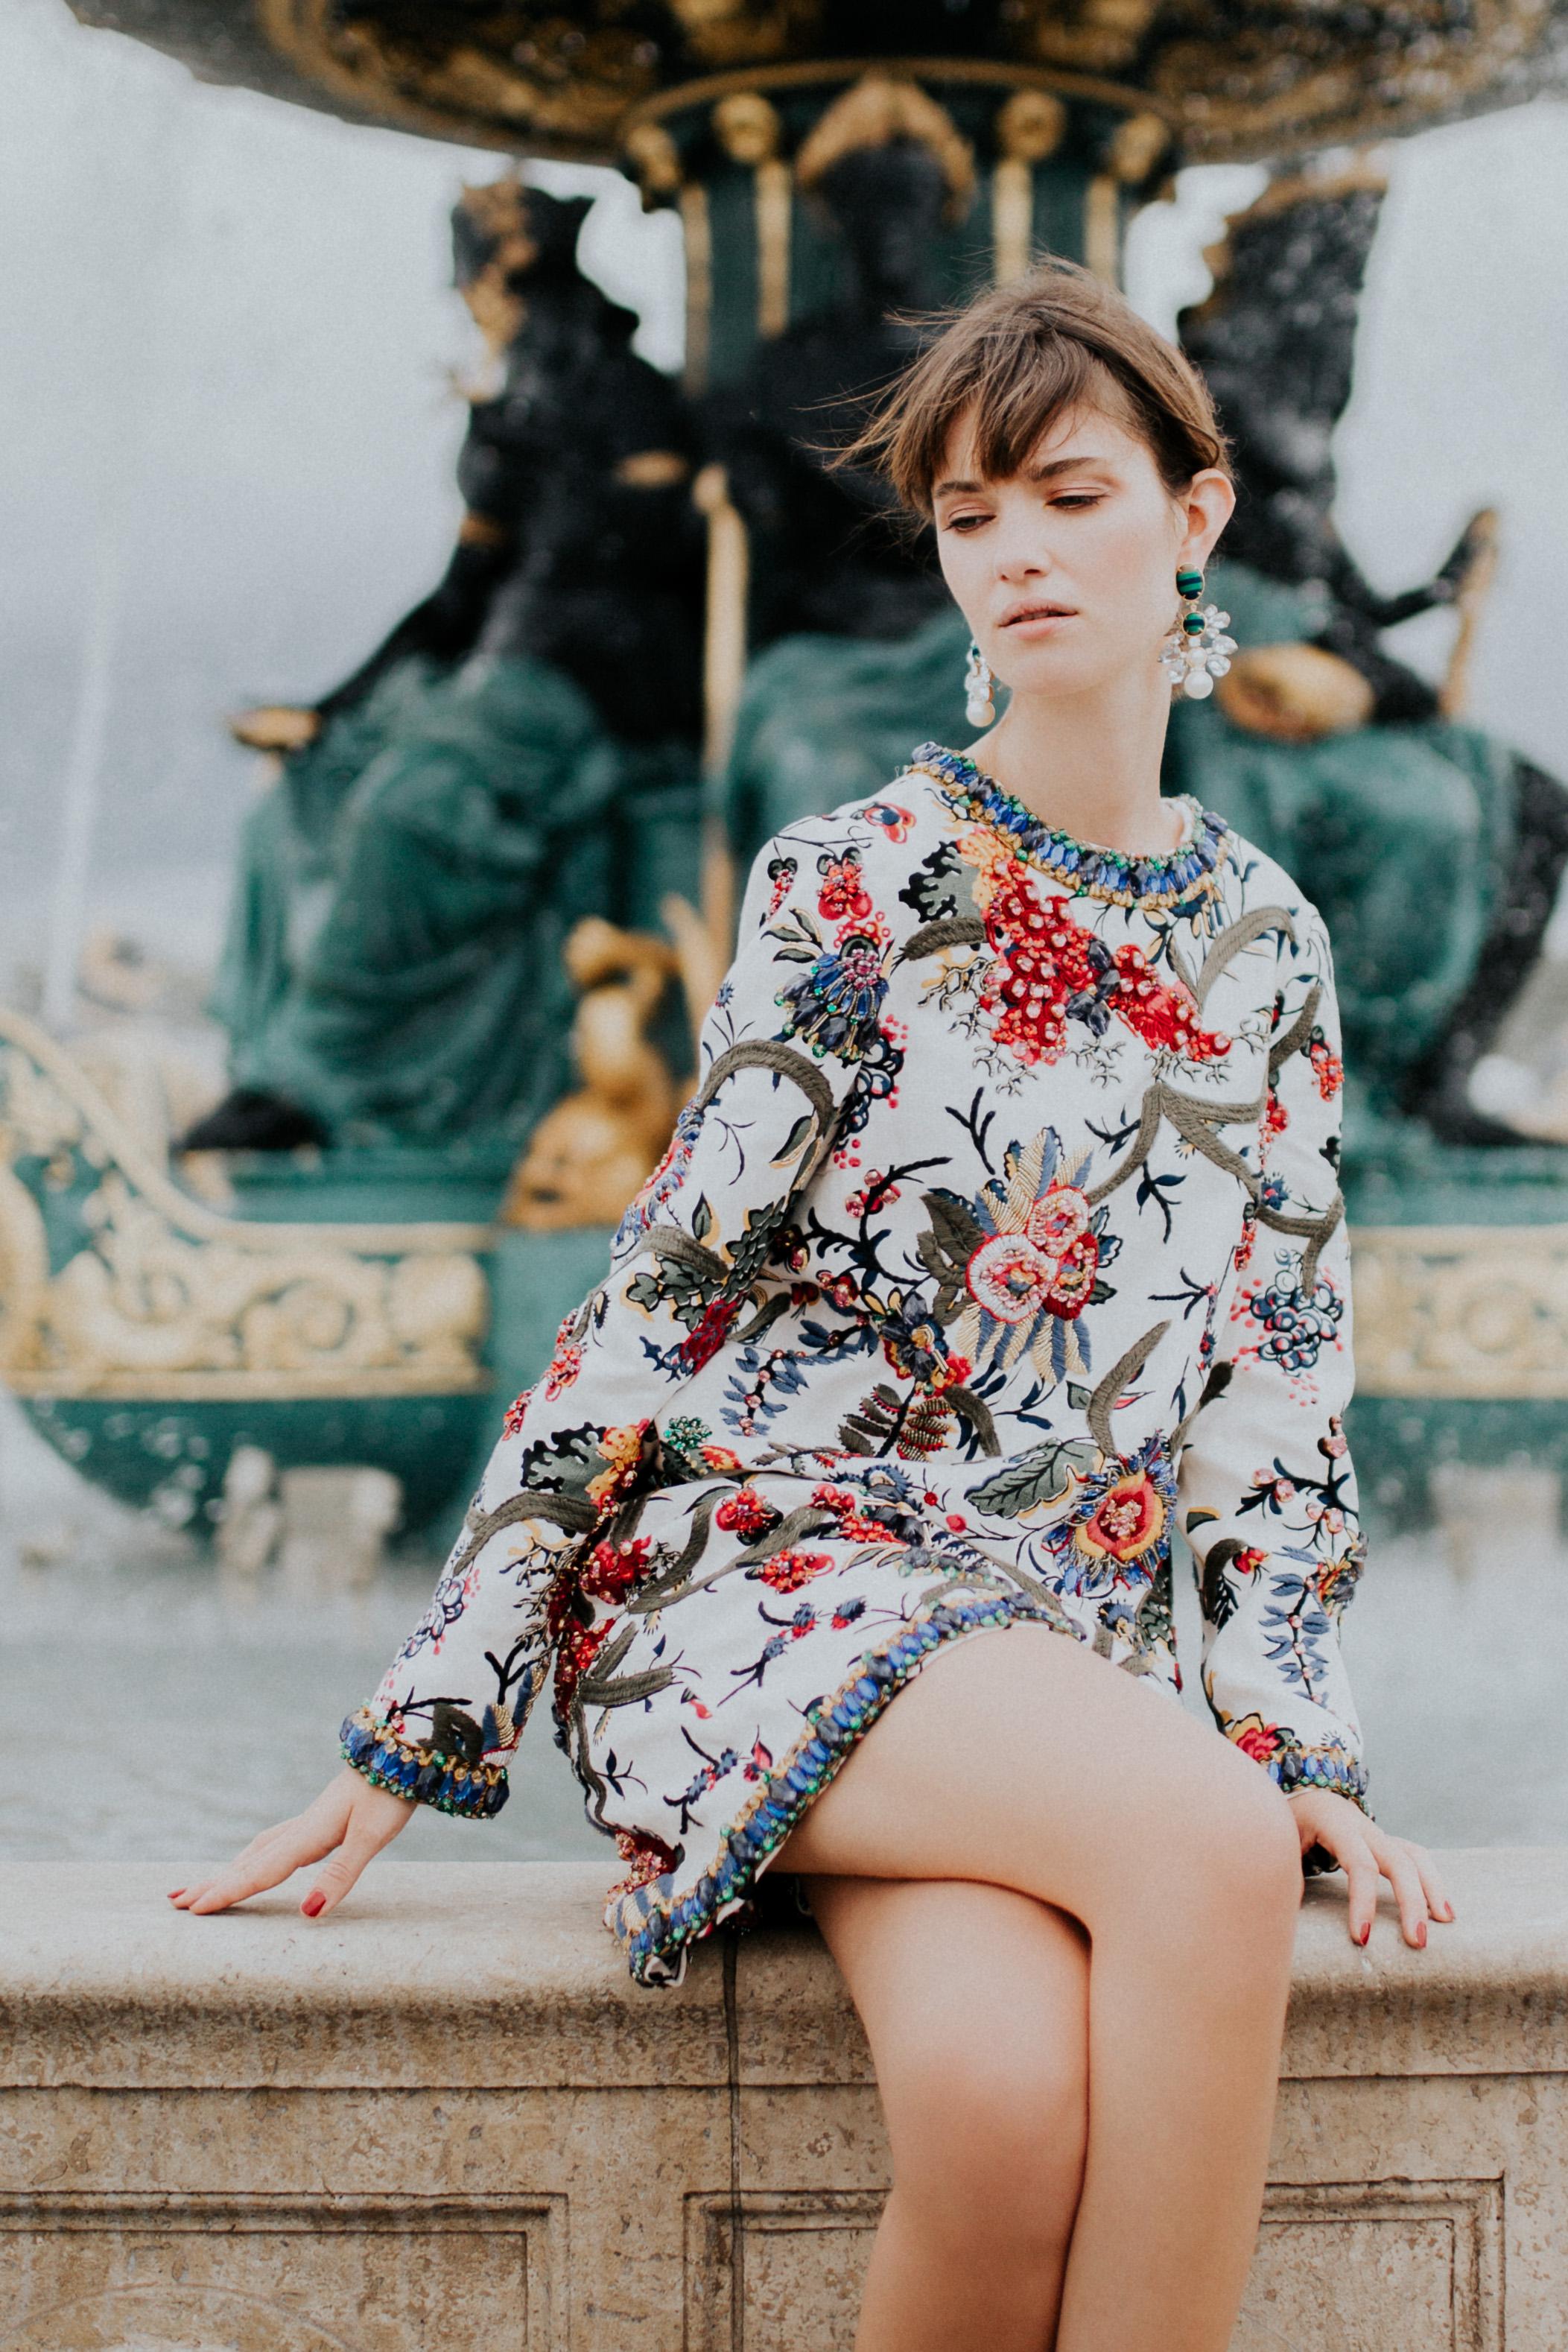 Lea Bonneau - Lea's Look #2: Rylie Dress, Alma Platform Sandals